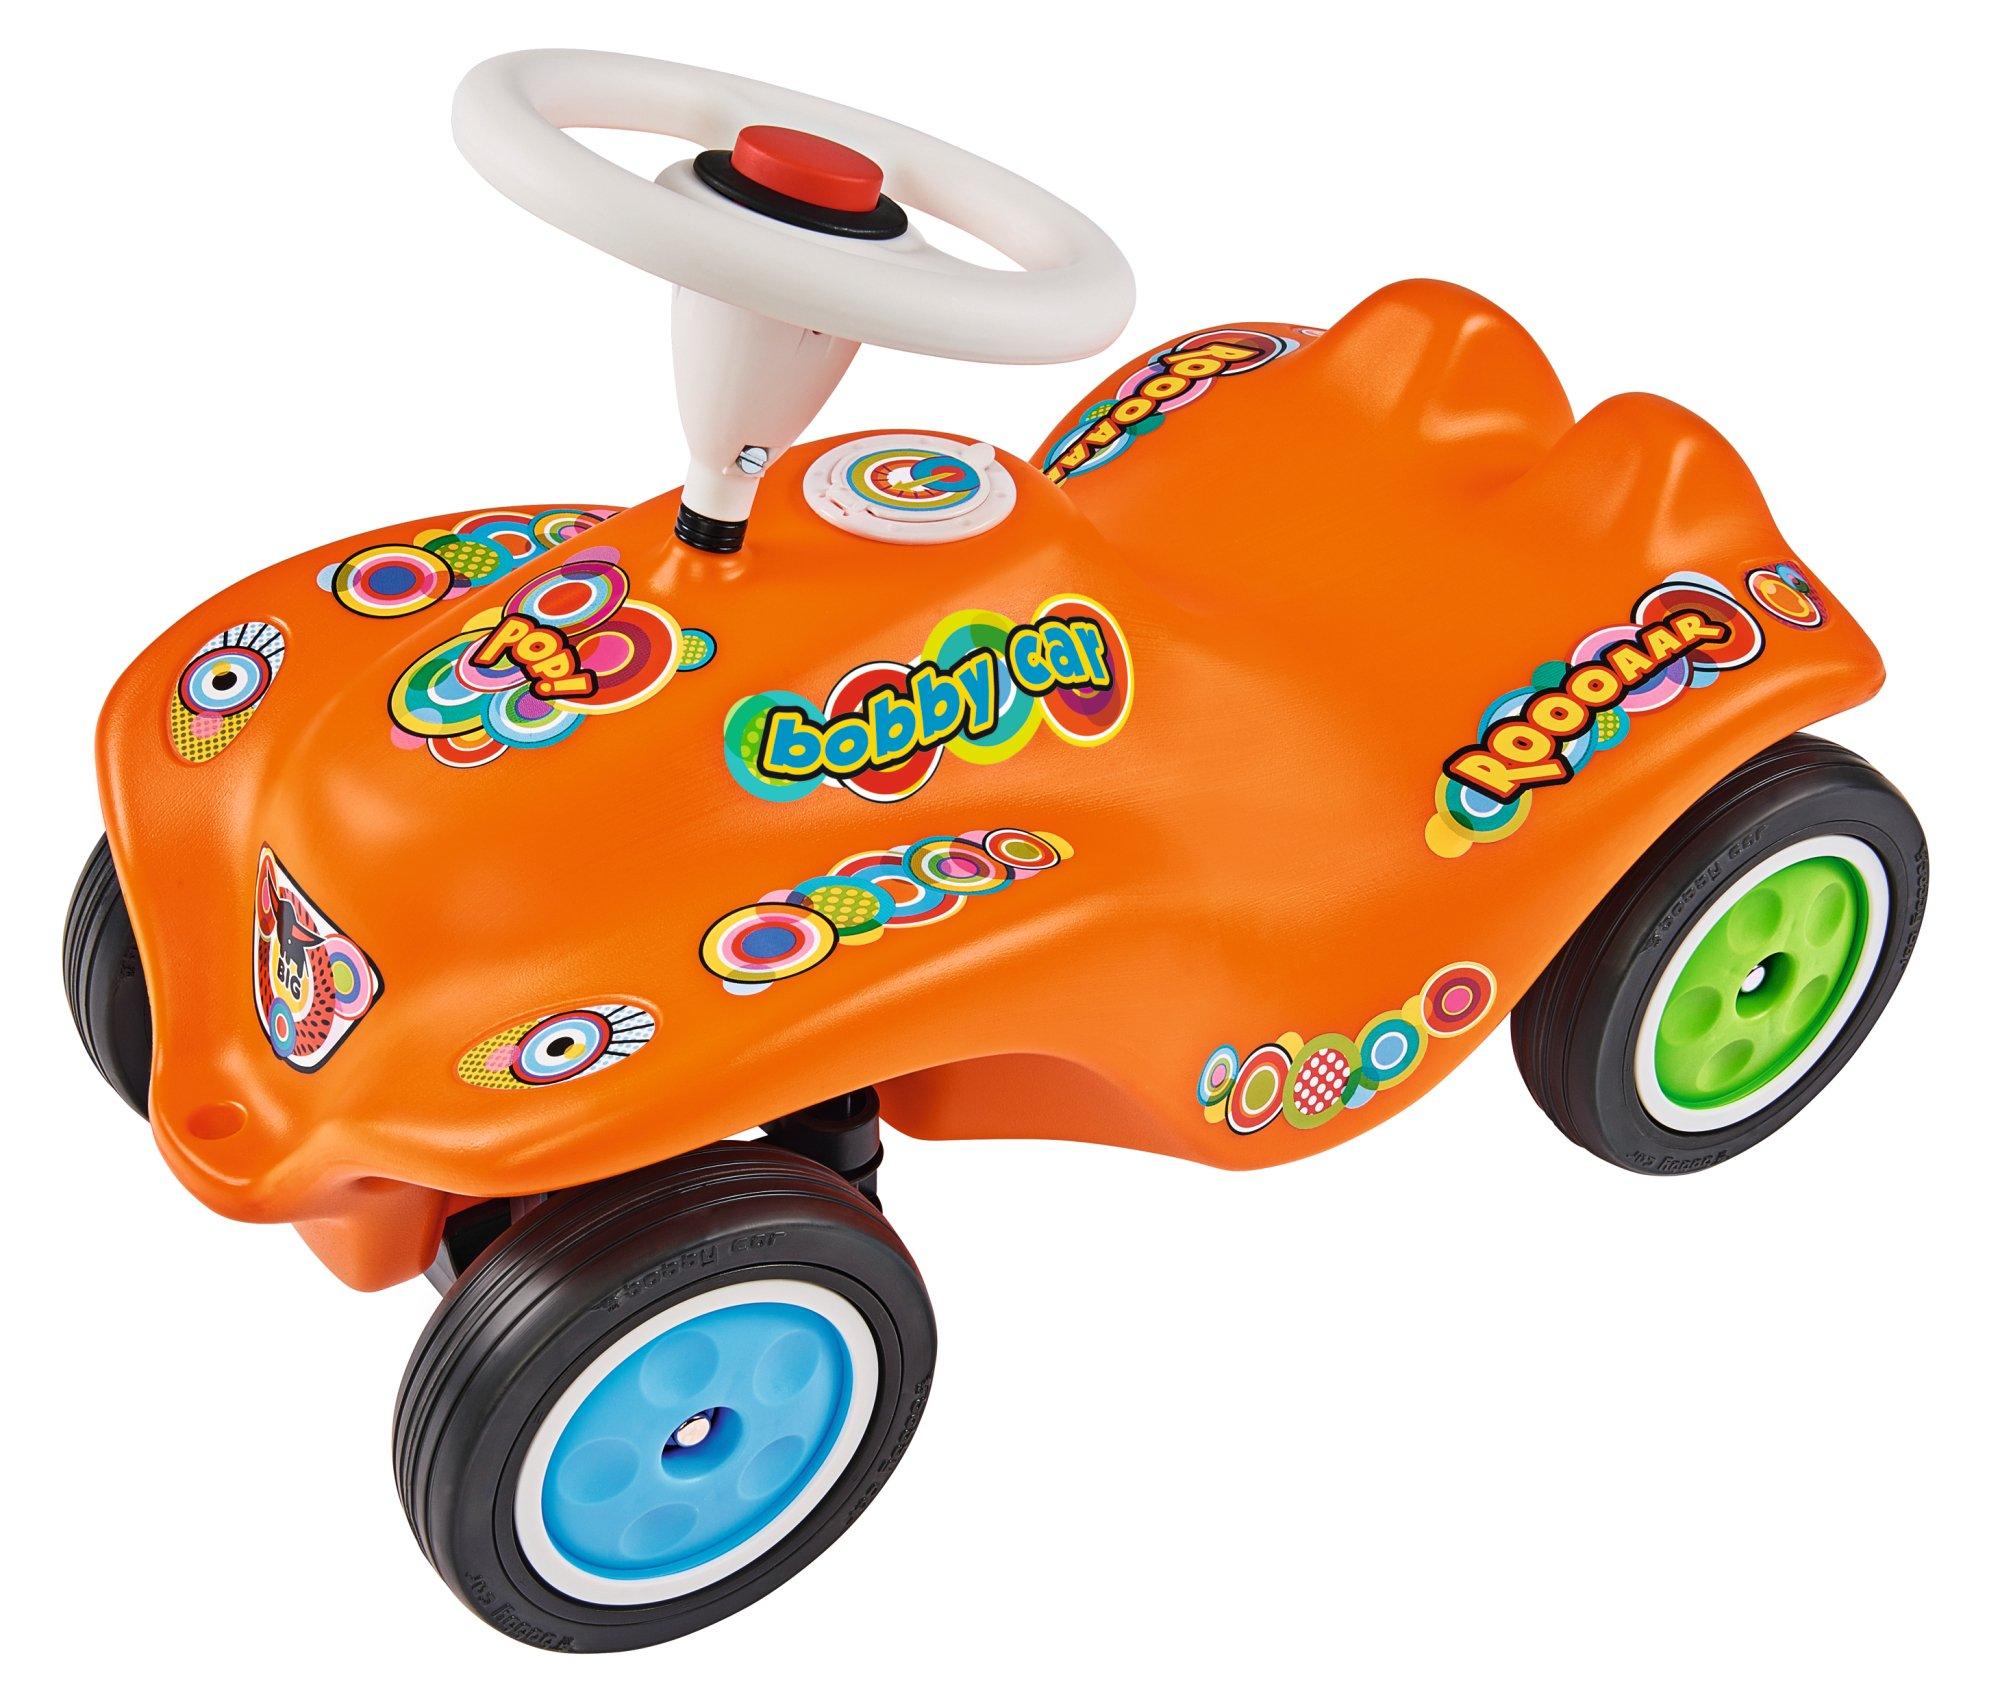 BIG 800056162 - New Bobby Car Pop limitierte Auflage